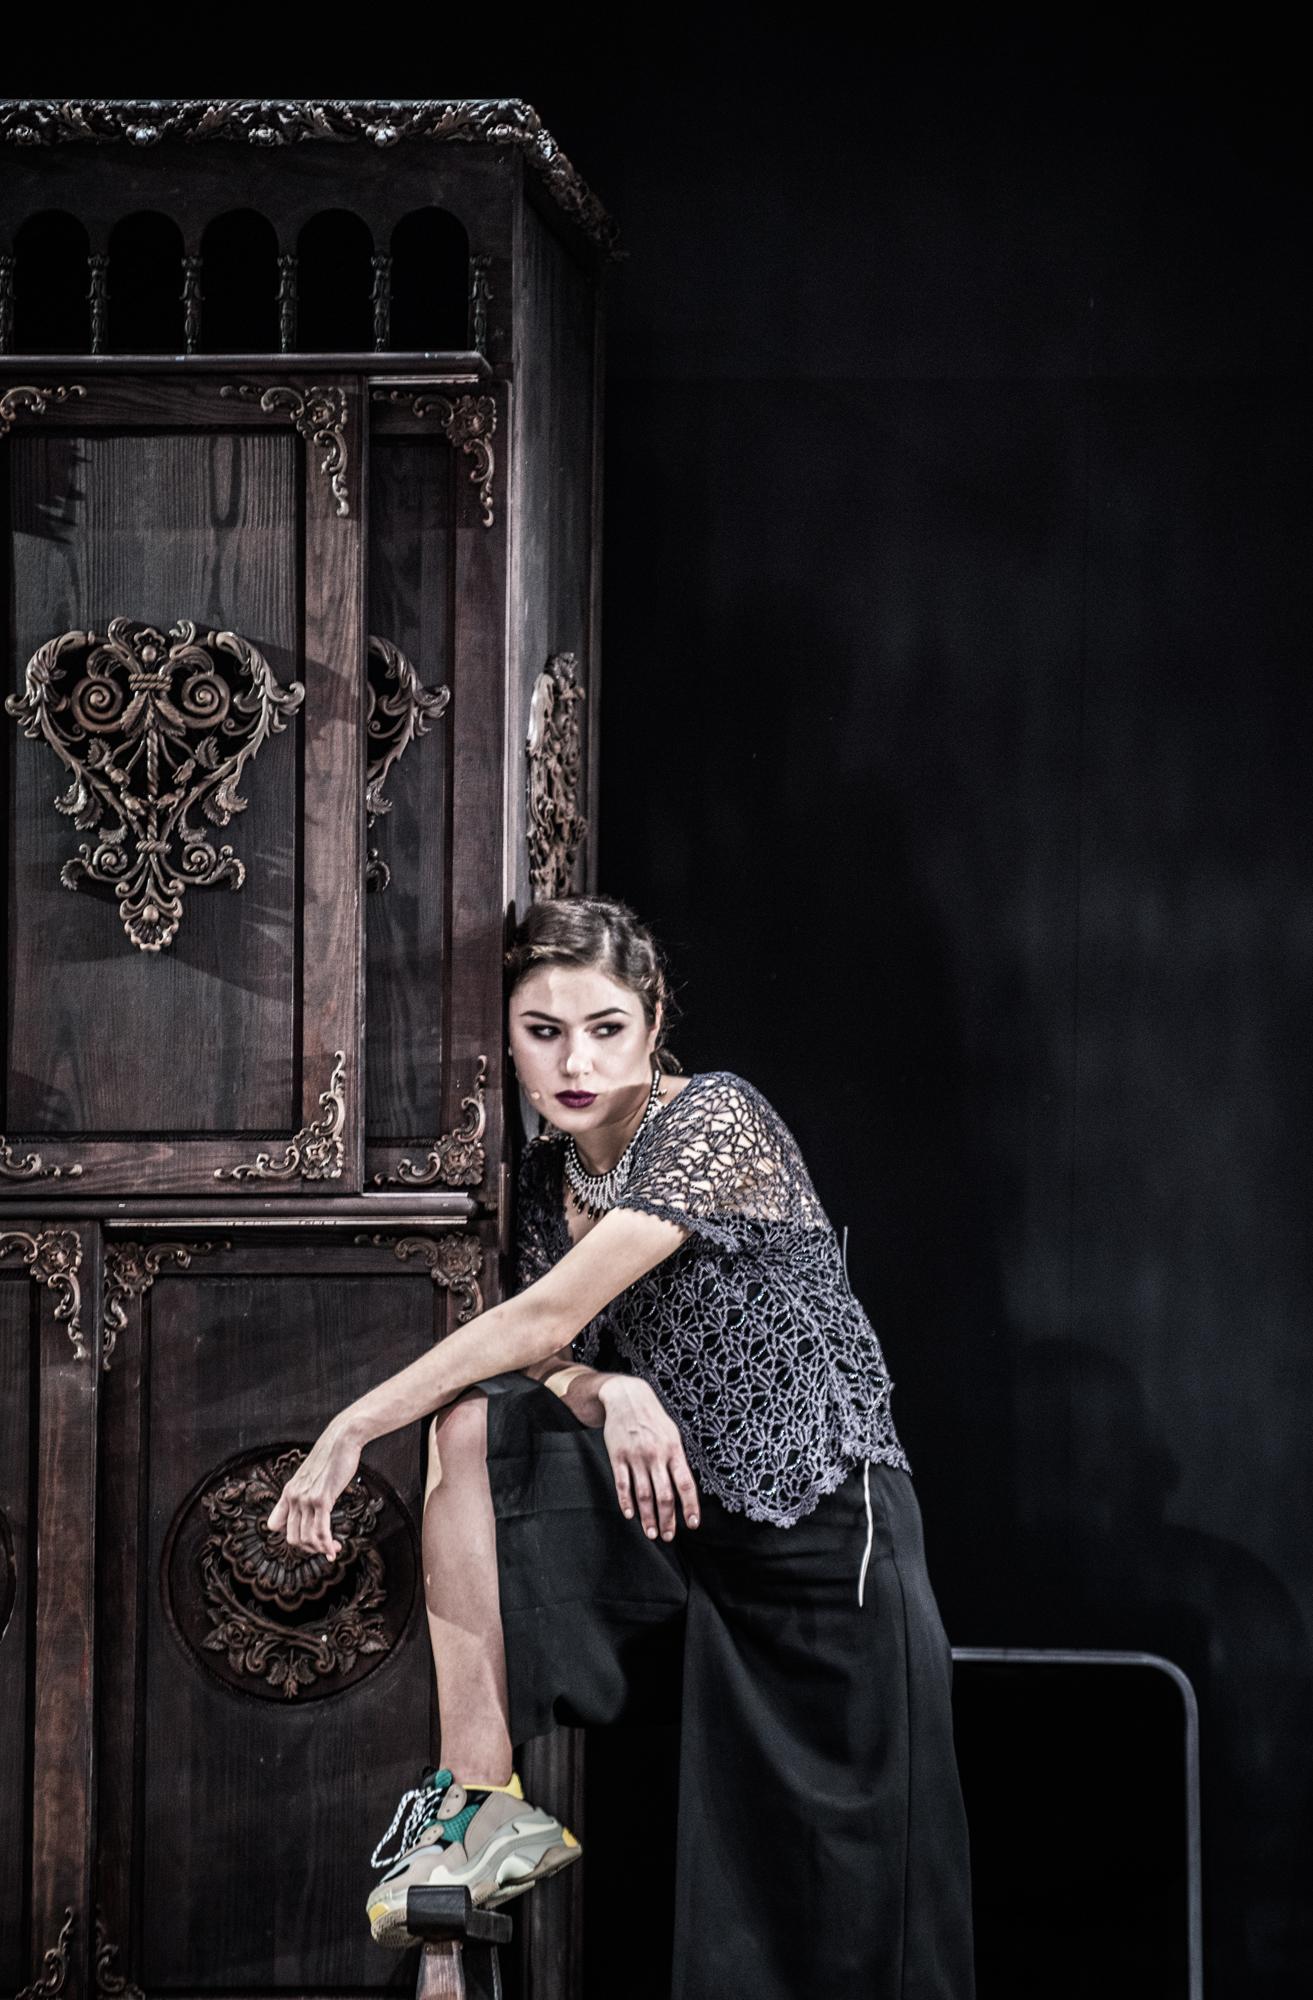 Aktorka stojąca na scenie przy dużej szafie z noga wspartą o element szafy